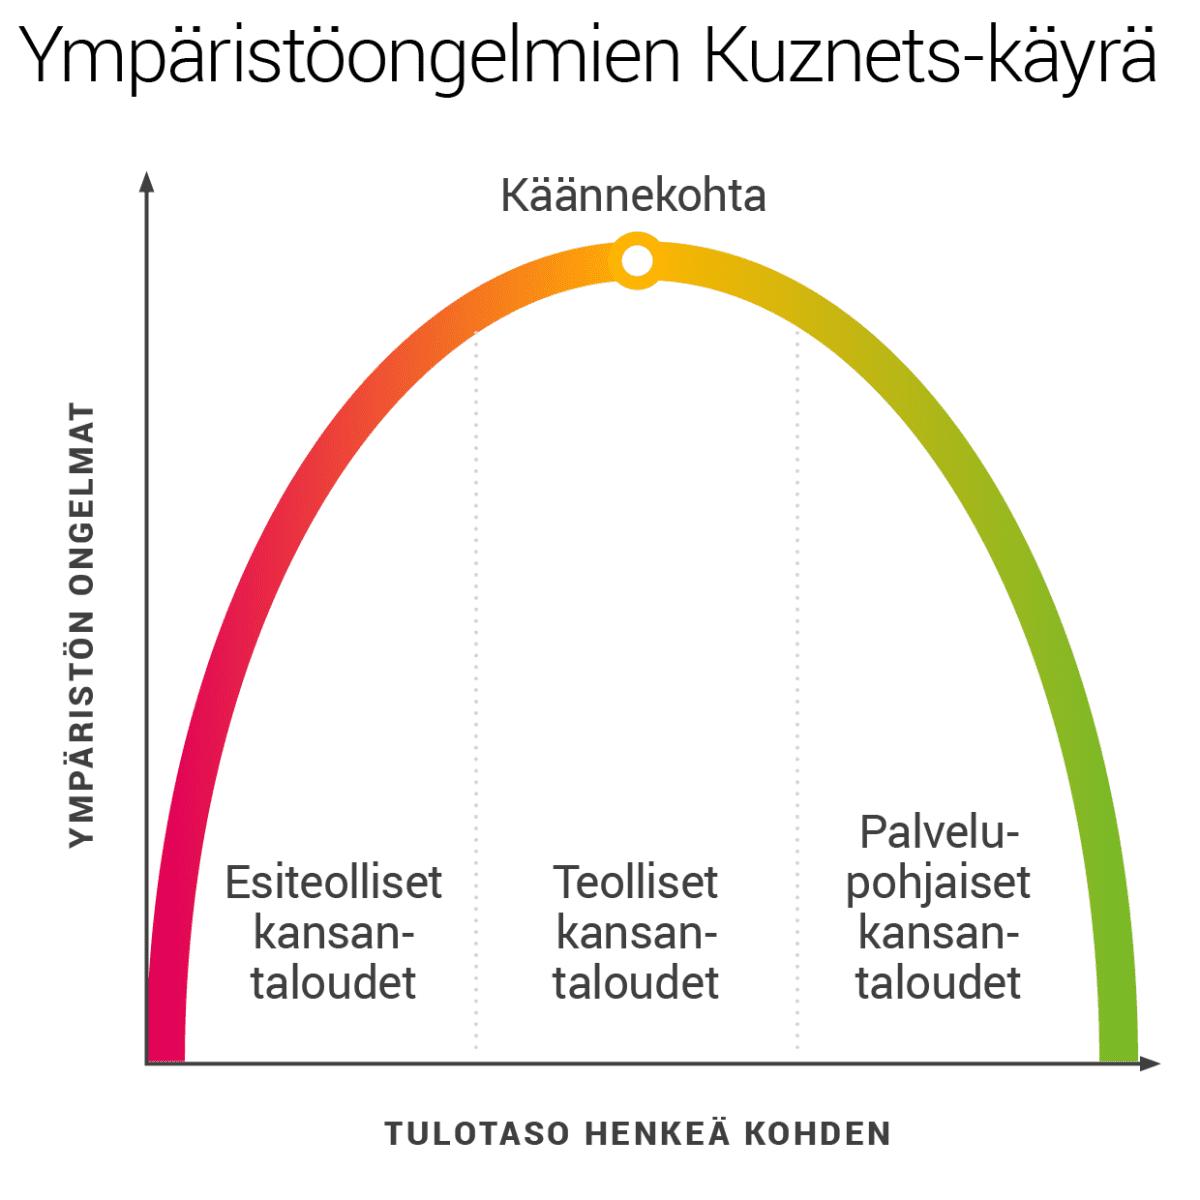 Ympäristöongelmien Kuznets-käyrä.